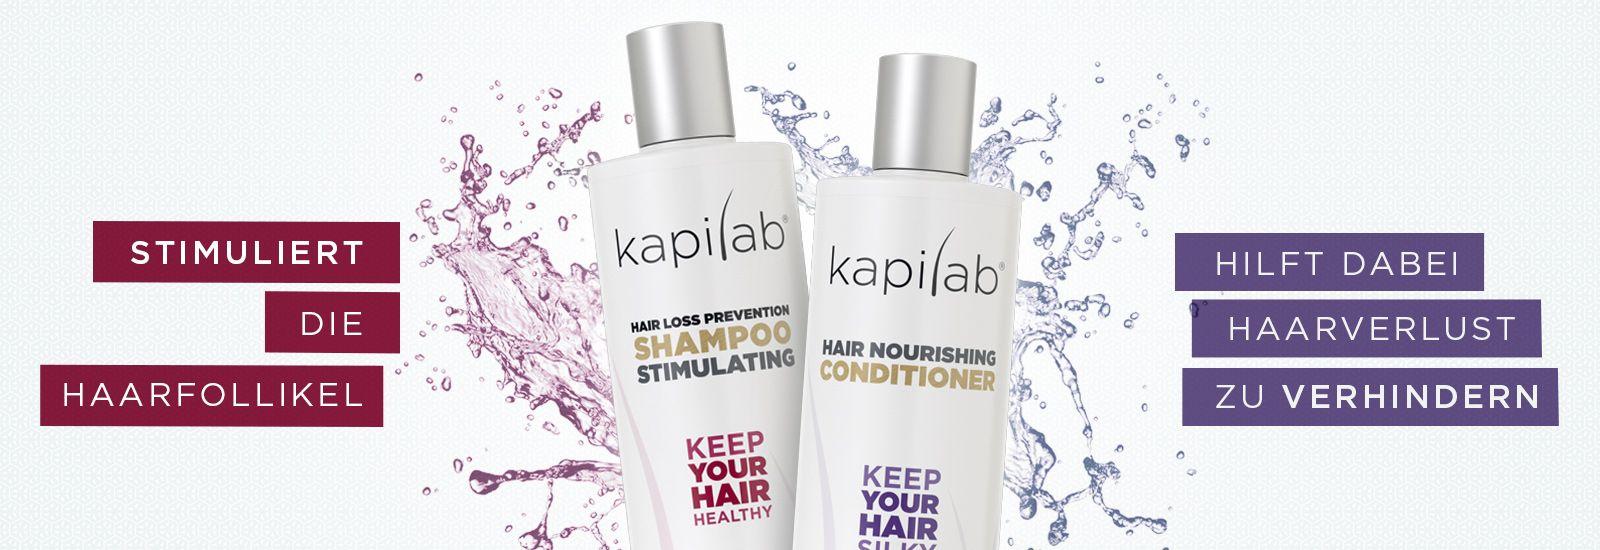 Kapilab Shampoo und Conditioner